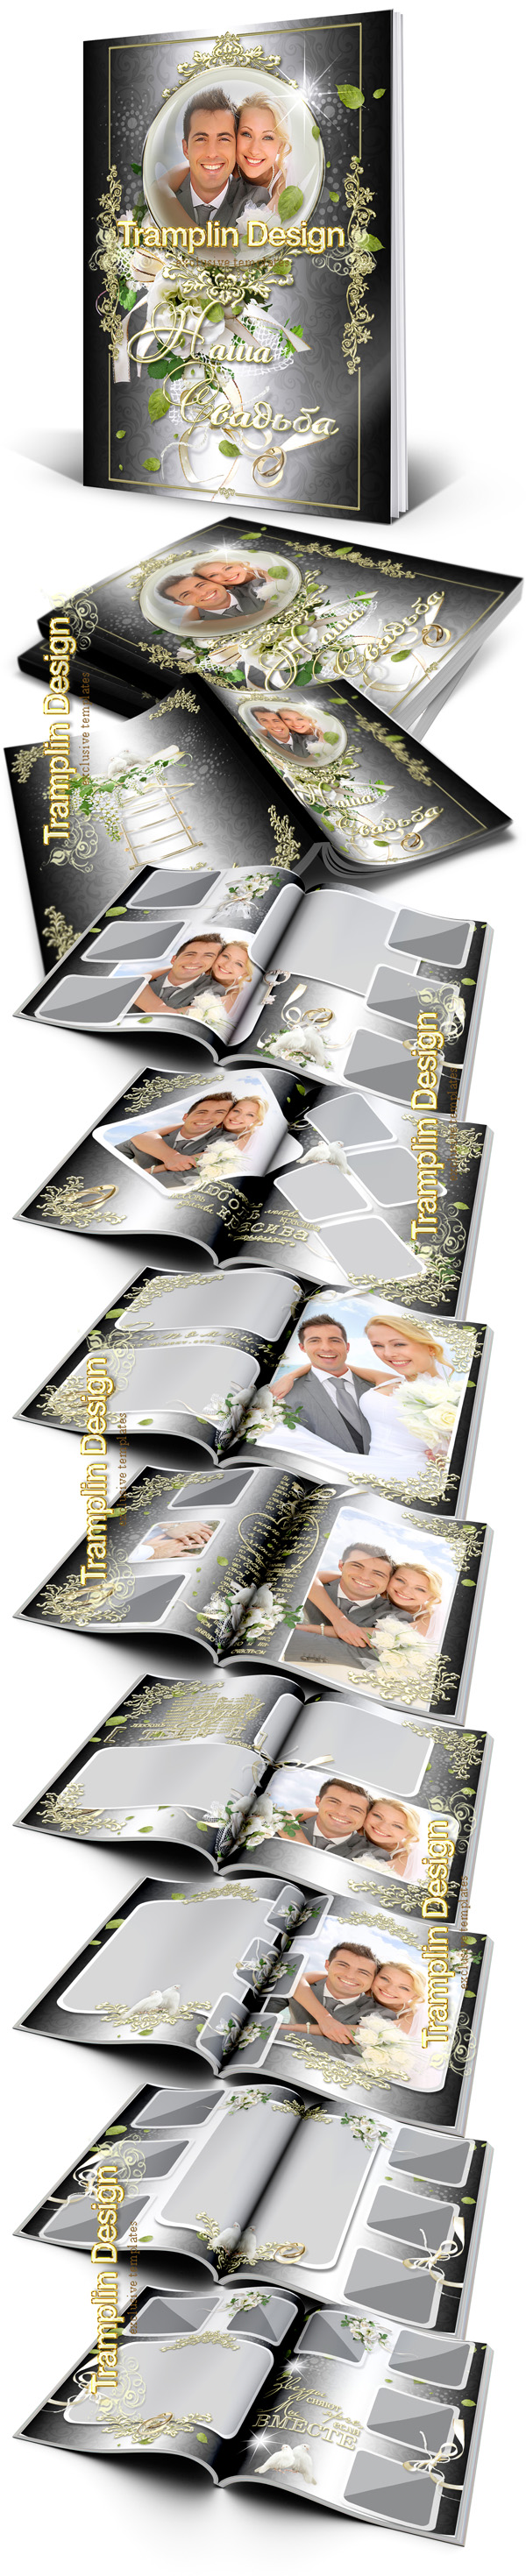 Дизайн Свадебная фотокнига - Запомним эти минуты